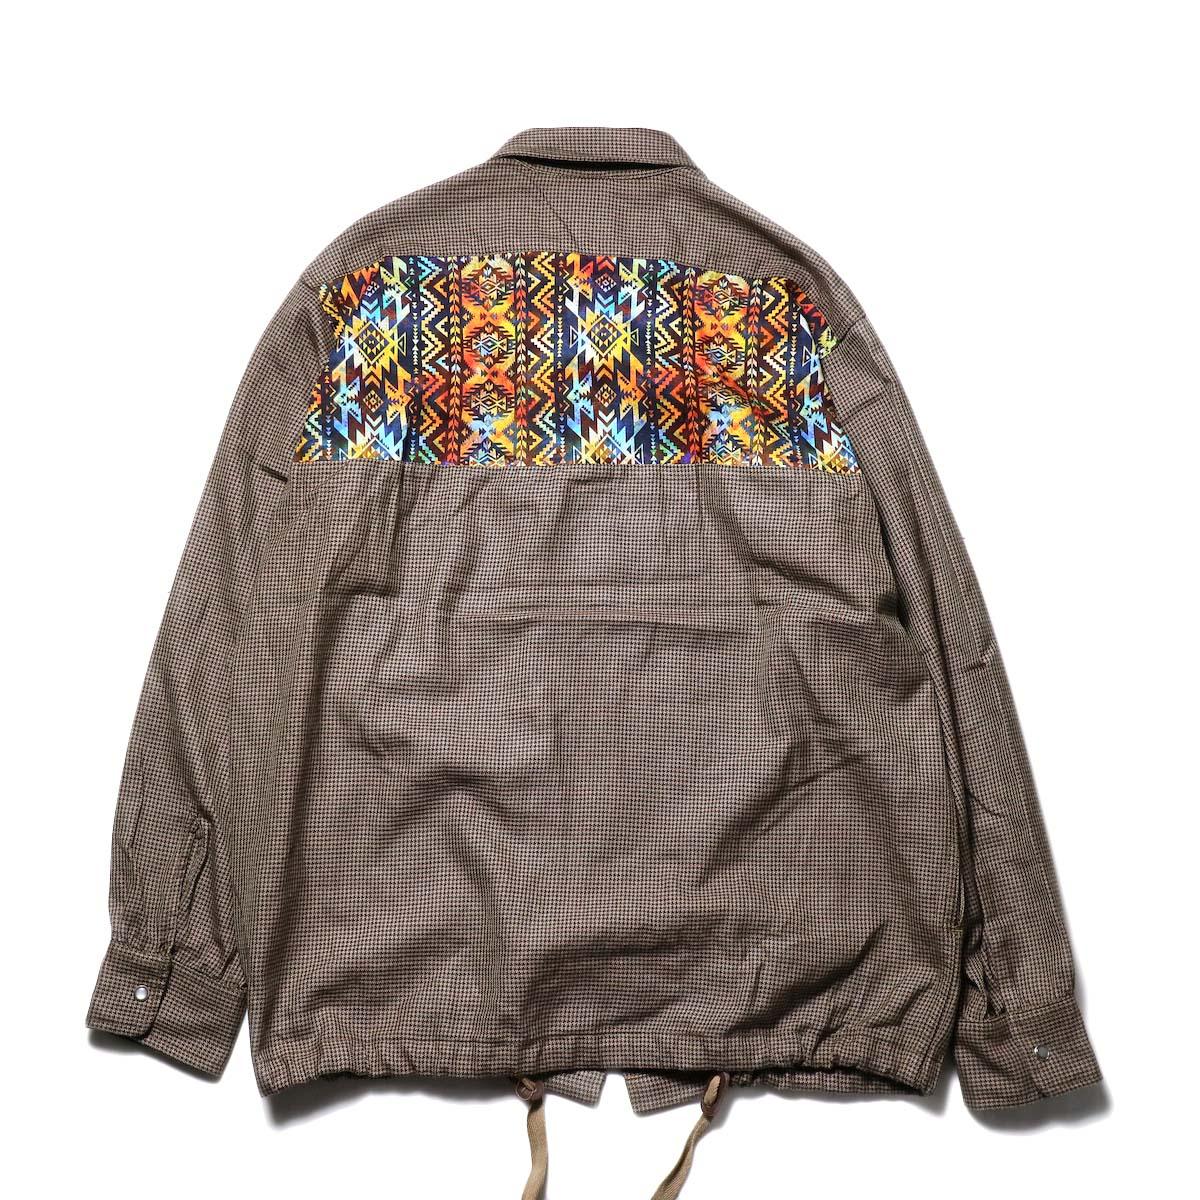 AiE / Coach Shirt -Wool Check (Brown)背面